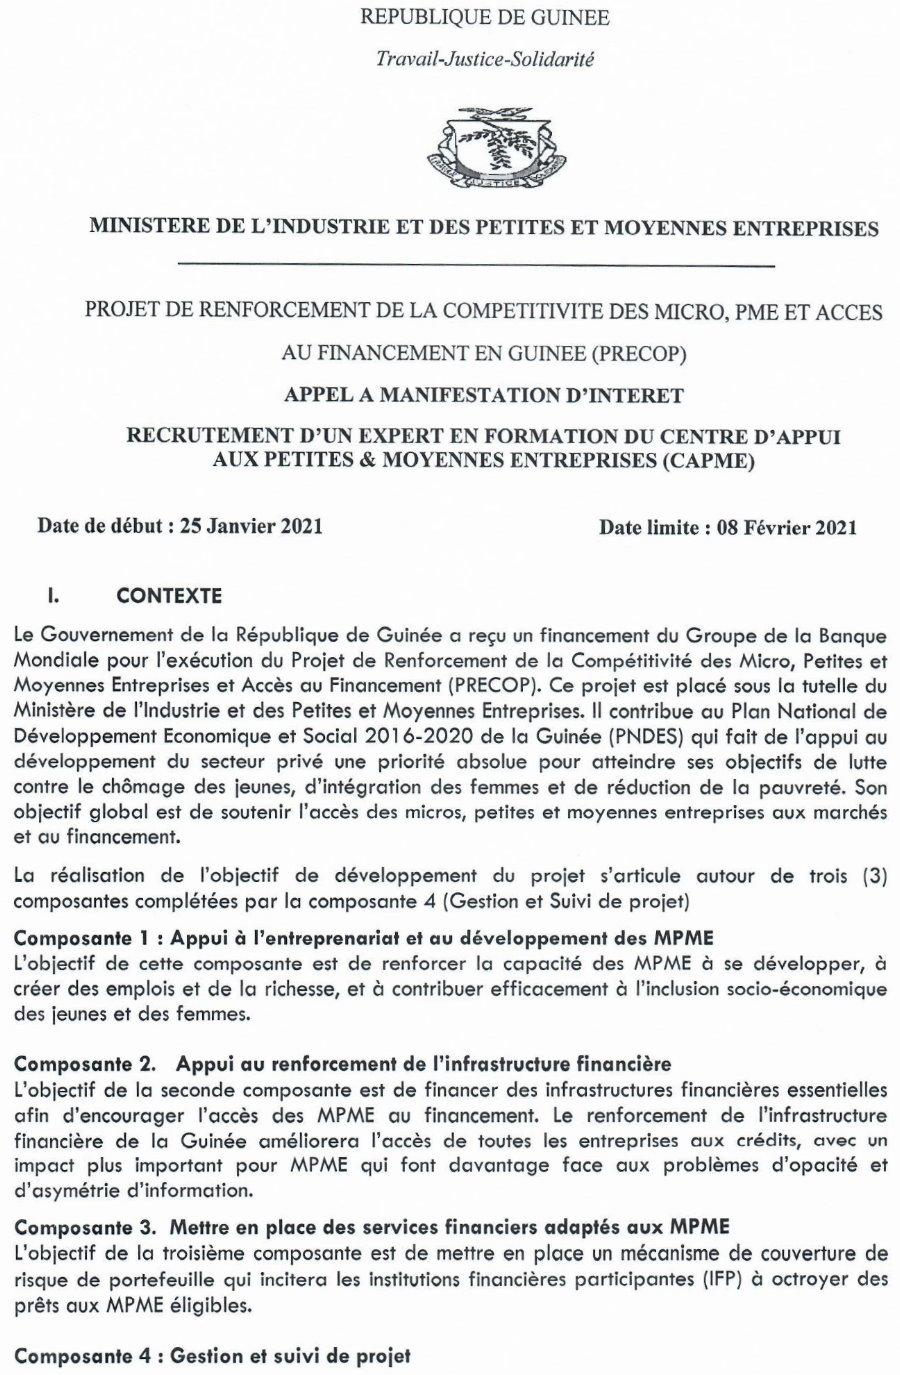 Offres d'emplois en guinée 2021